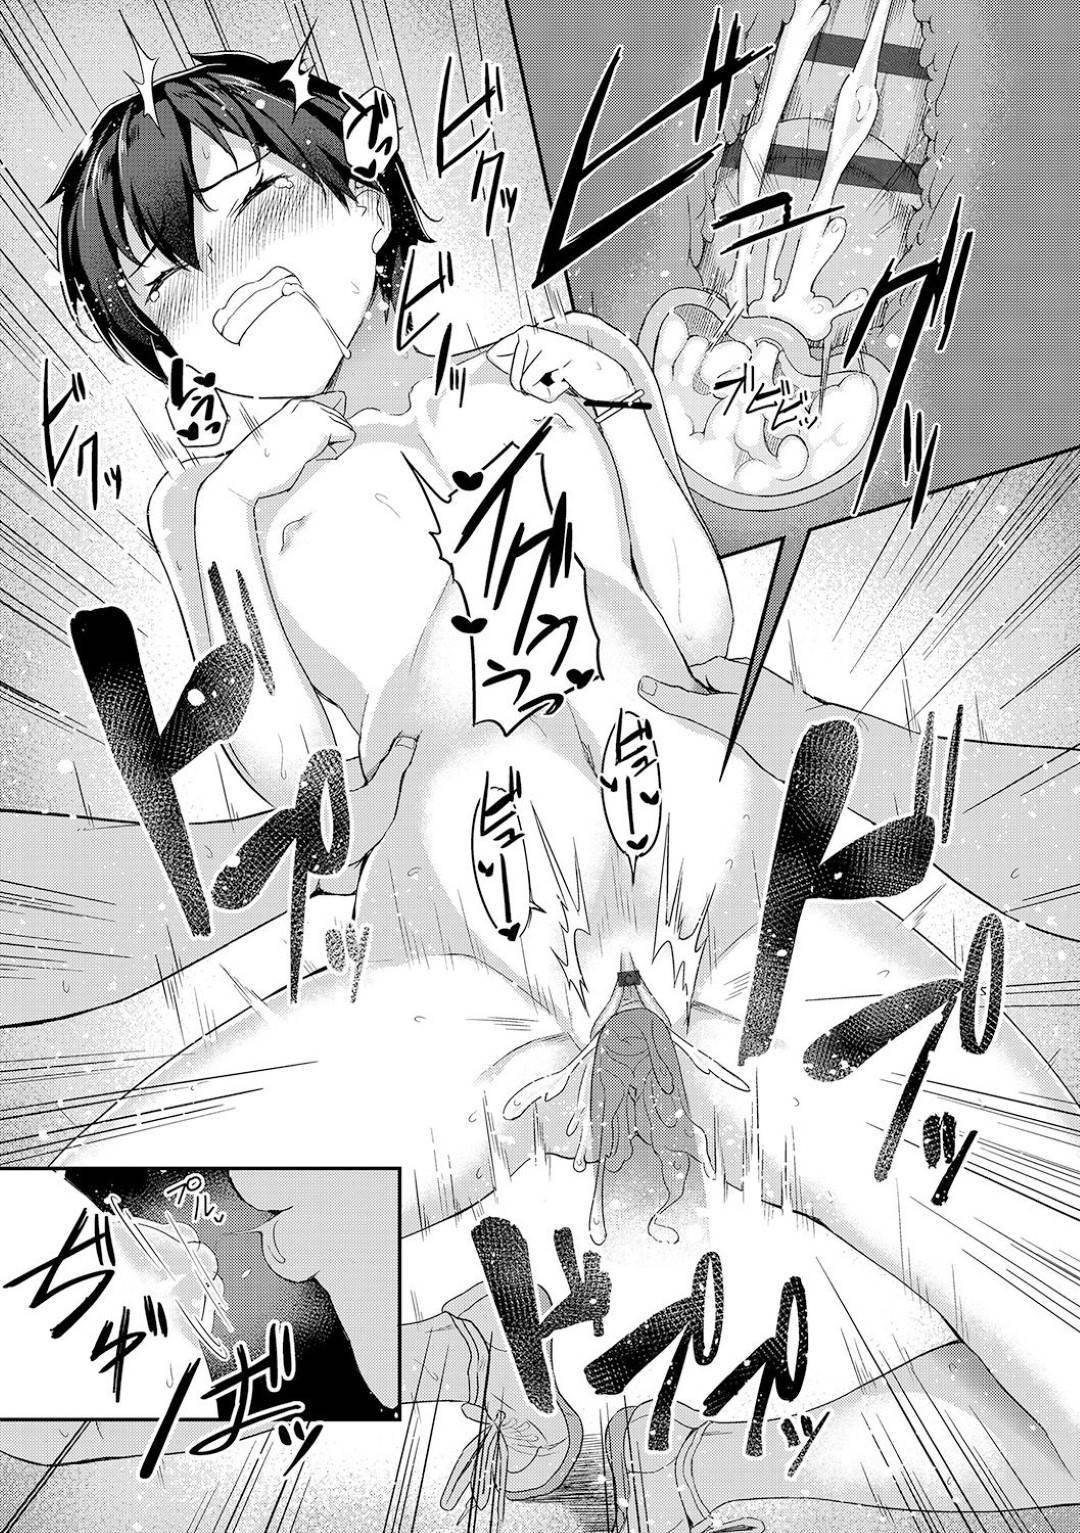 【エロ漫画】セックスをさせてほしいと頼み込む彼氏を受け入れるちっパイJK彼女…更衣室で発情した彼氏に匂いを嗅がれたり身体を触られる!更衣室で初セックスで中出し!【石鎚ぎんこ】